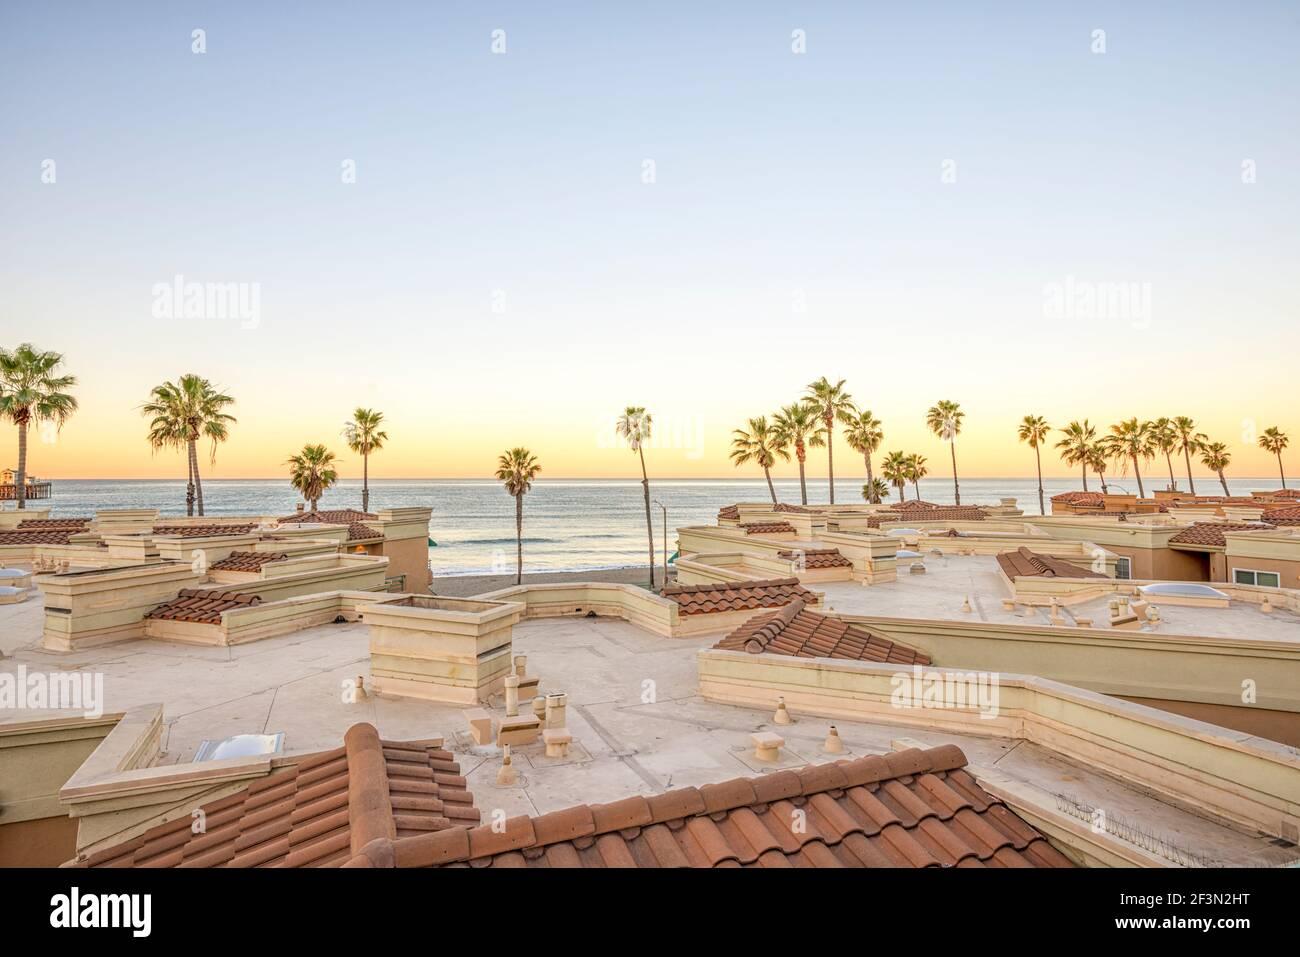 Vista de la costa en una mañana de invierno. Oceanside, California, Estados Unidos. Foto de stock